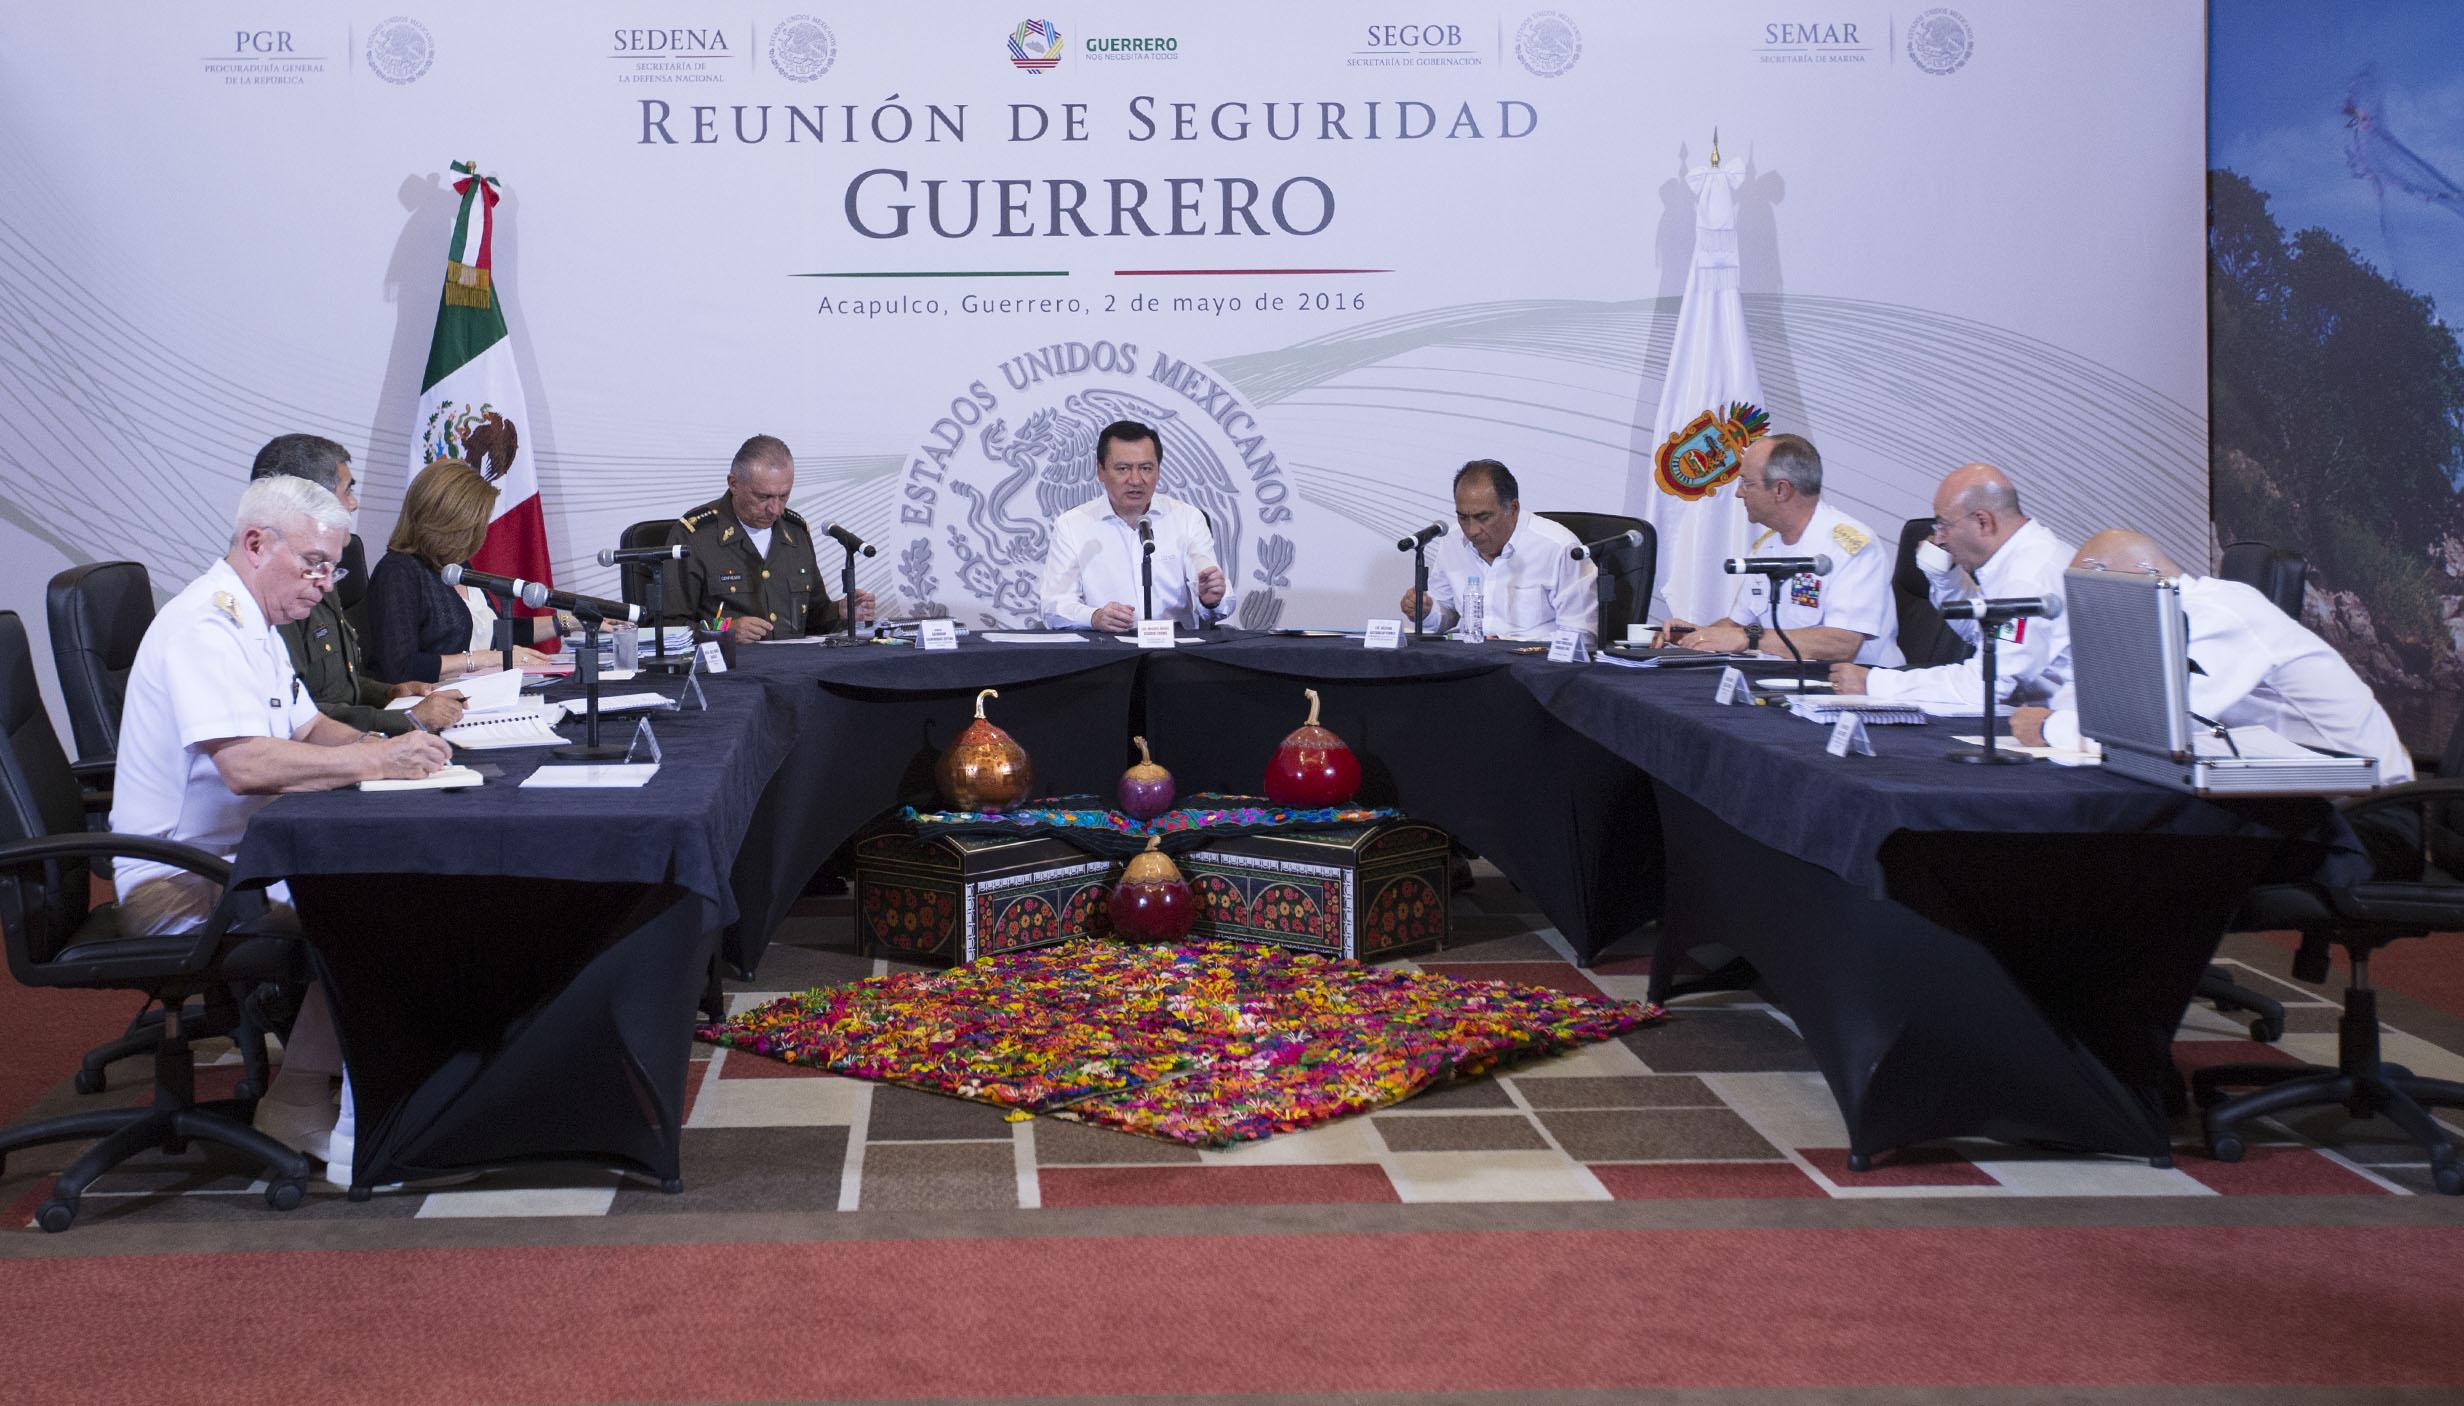 El Secretario de Gobernación, Miguel Ángel Osorio Chong, encabezó la reunión del Gabinete de Seguridad del Gobierno de la República con autoridades estatales y municipales, en Acapulco, Guerrero, para evaluar las acciones en materia de seguridad